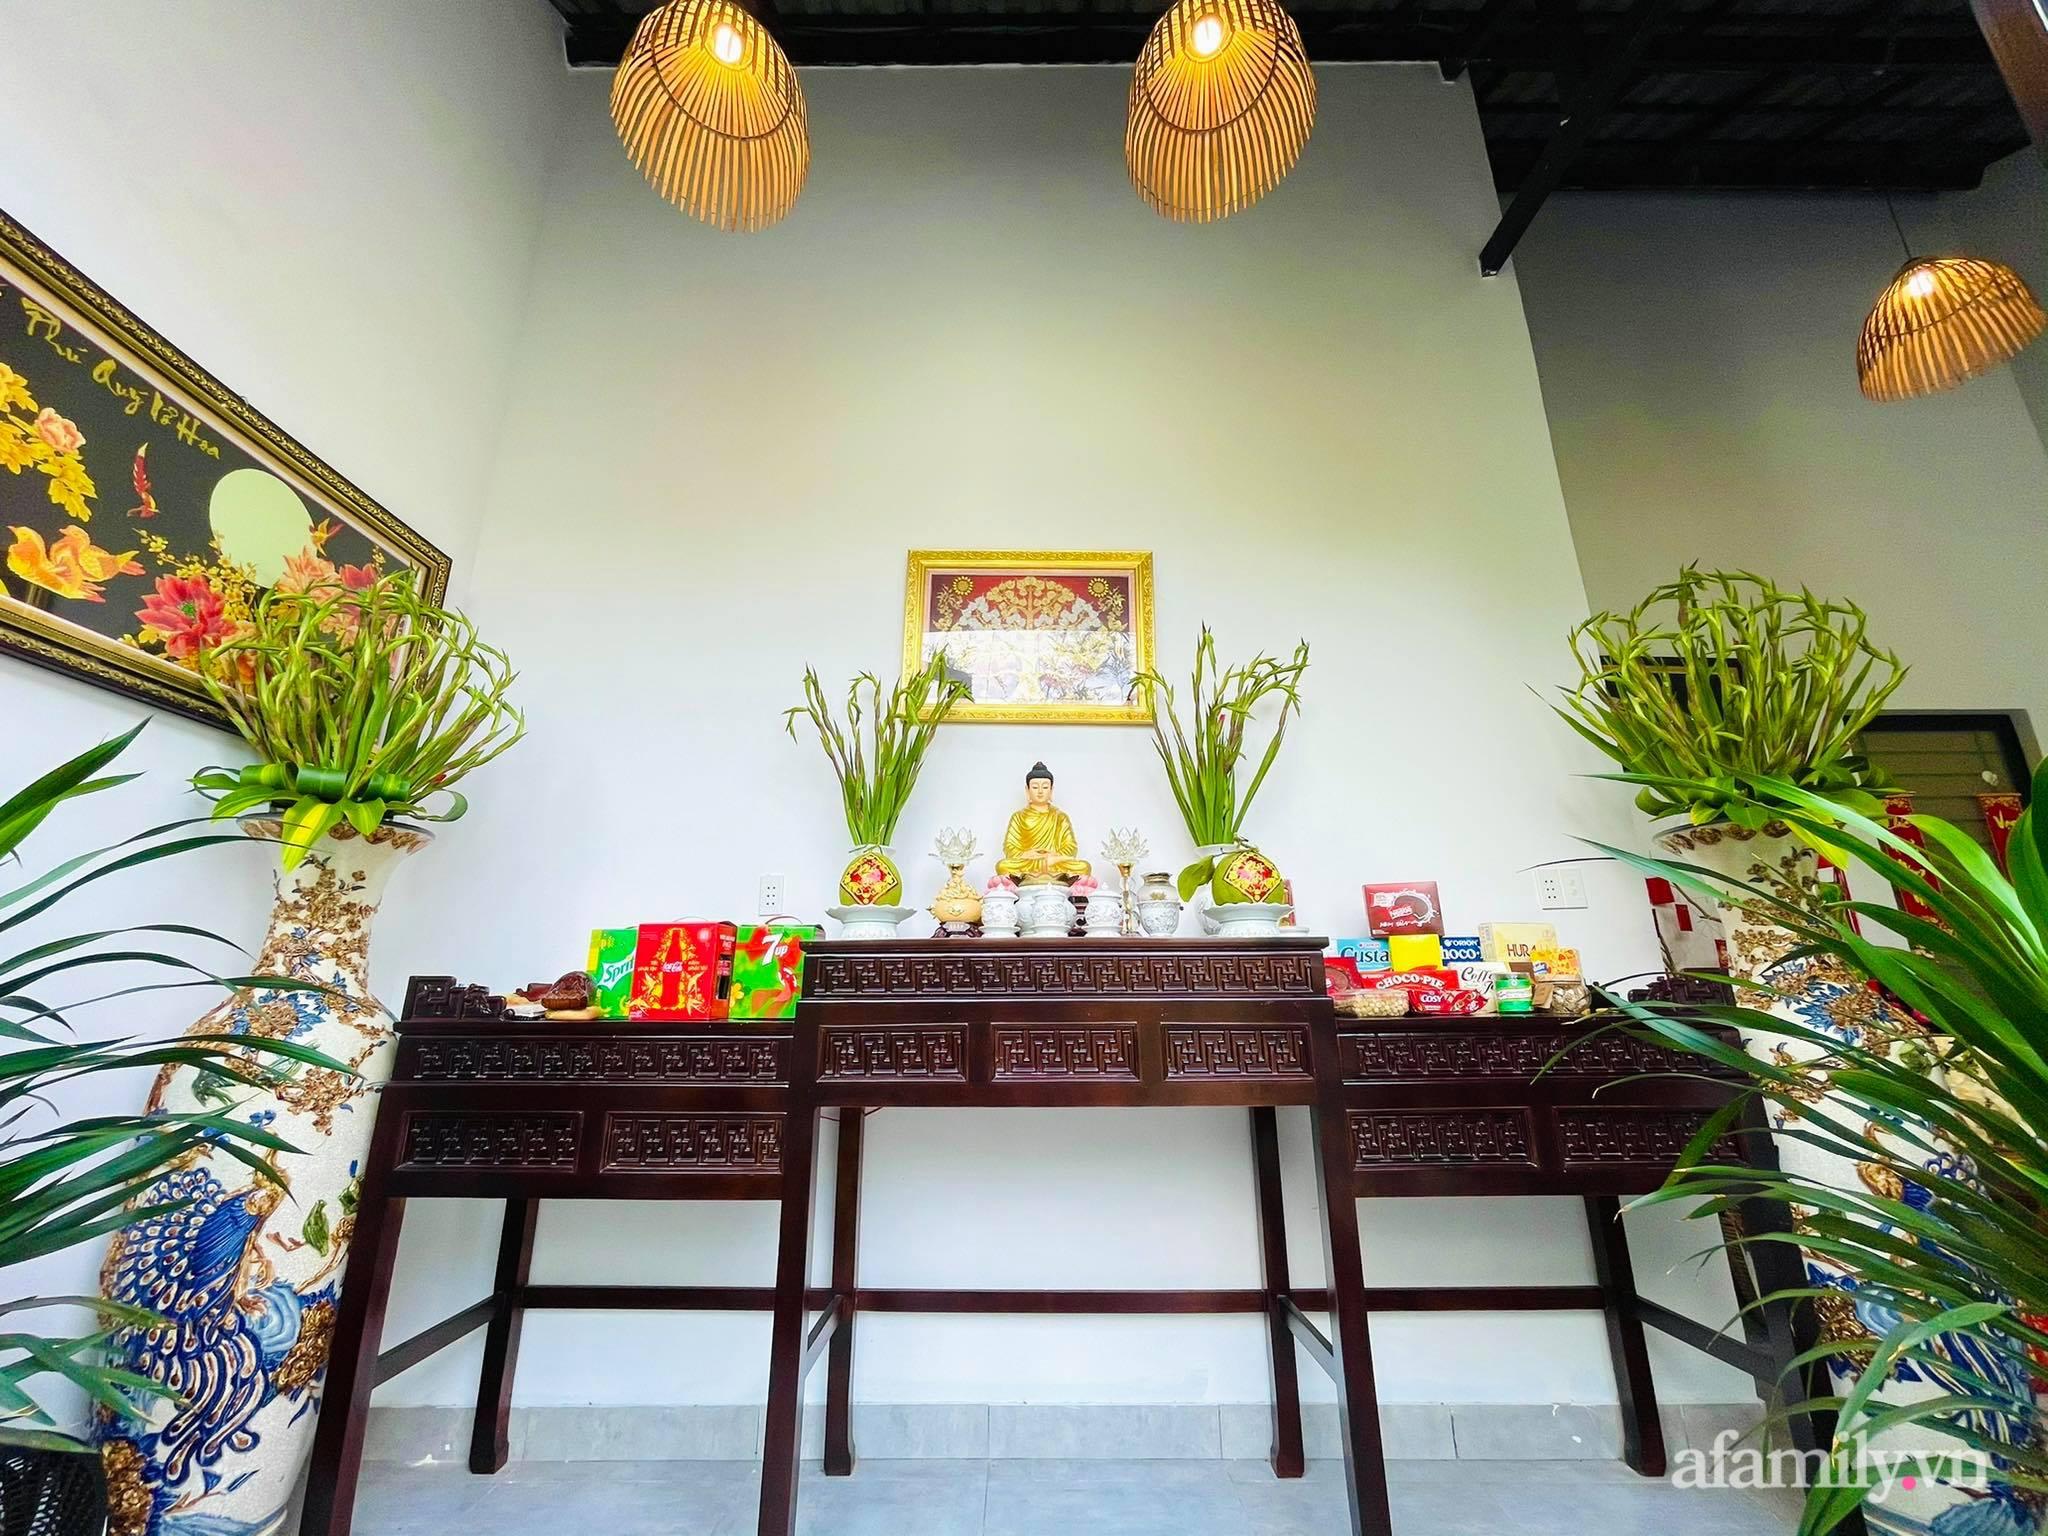 Hành trình rời phố về quê trồng rau nuôi gà, sống trong căn nhà vườn đẹp như tranh vẽ của chàng trai 25 tuổi ở Tây Ninh - Ảnh 29.